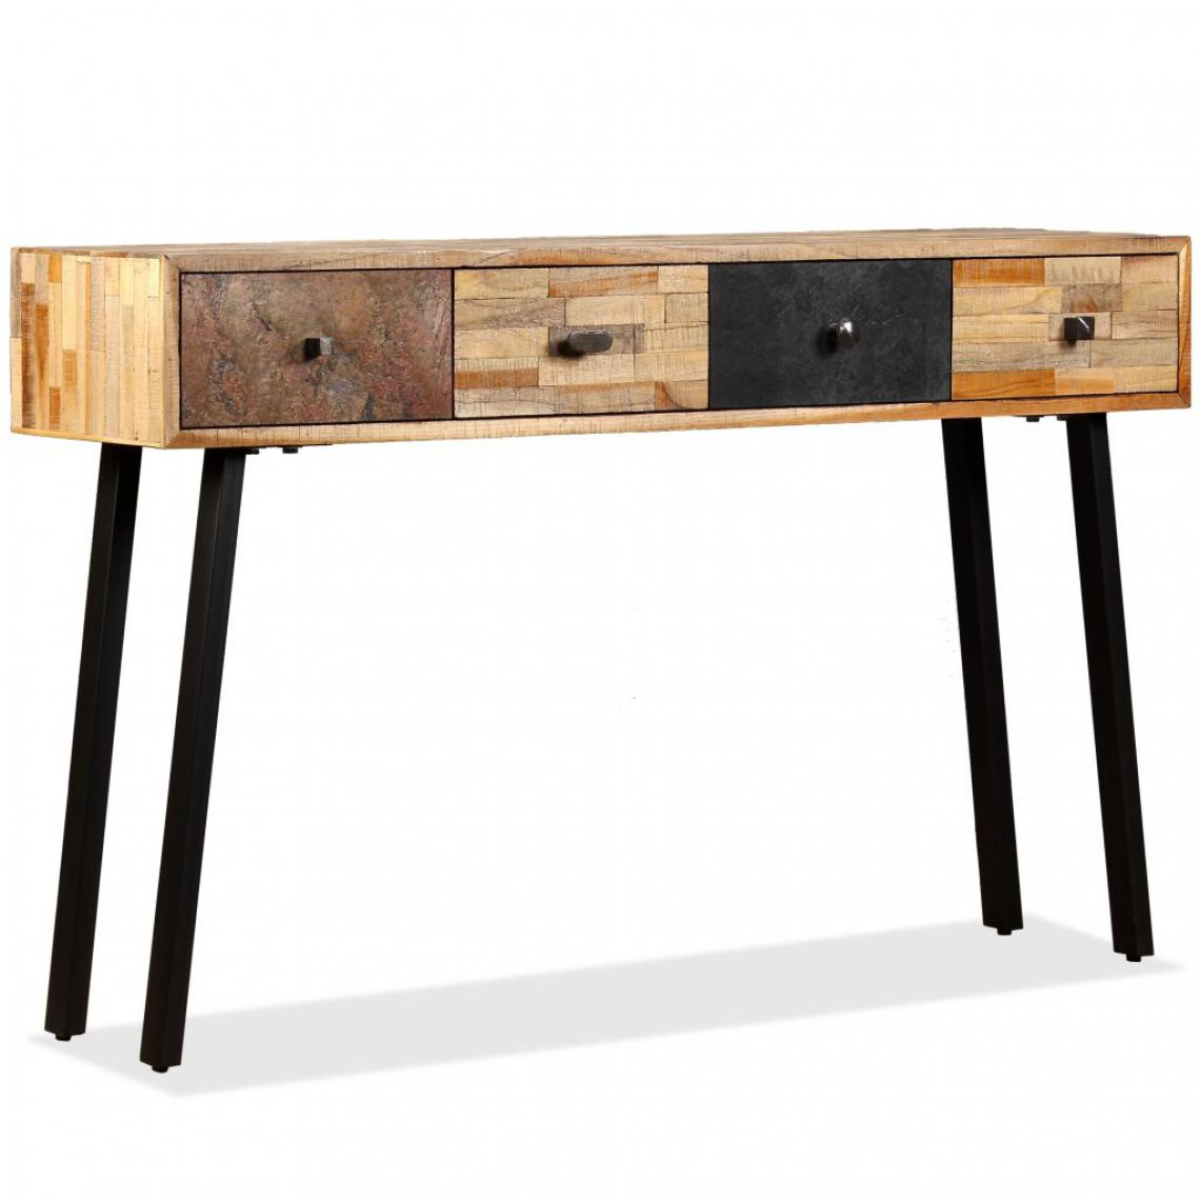 Vidaxl Table console Teck massif de récupération 120 x 30 x 76 cm - Multicolore